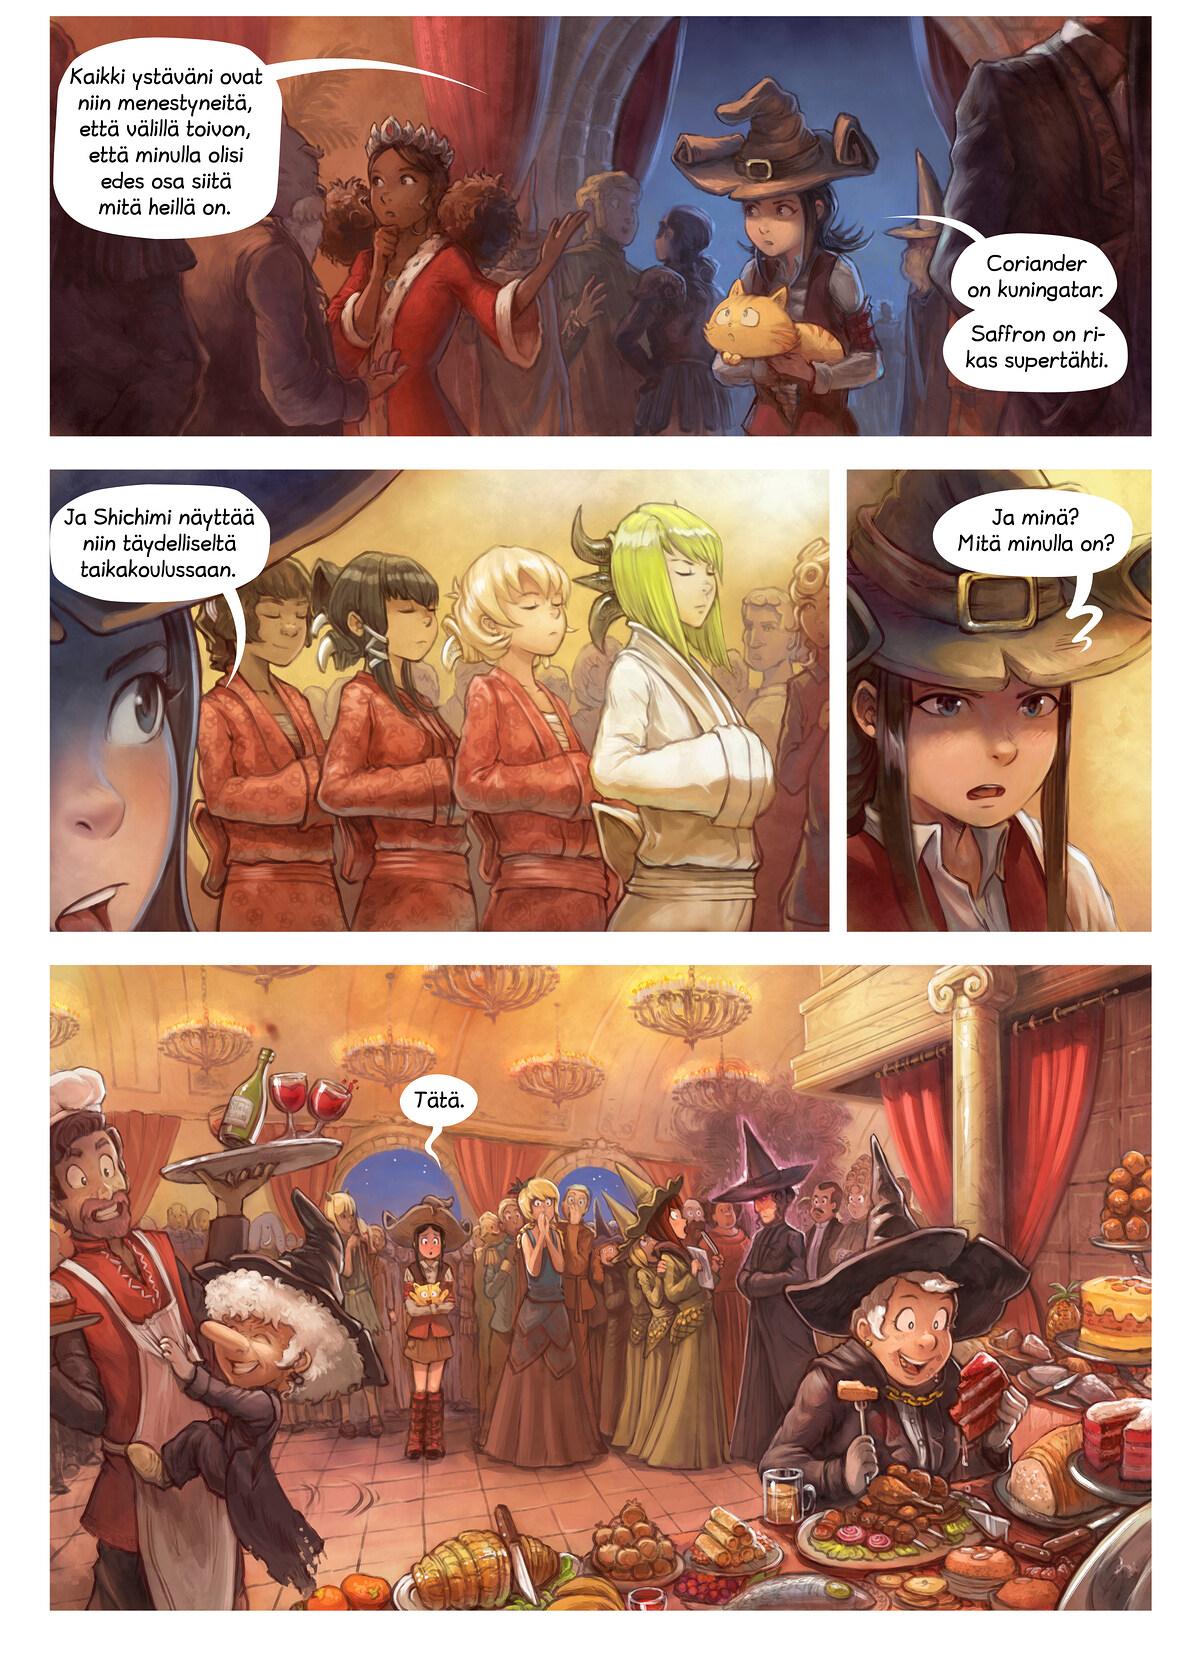 Episodi 28: Juhlallisuudet, Page 5